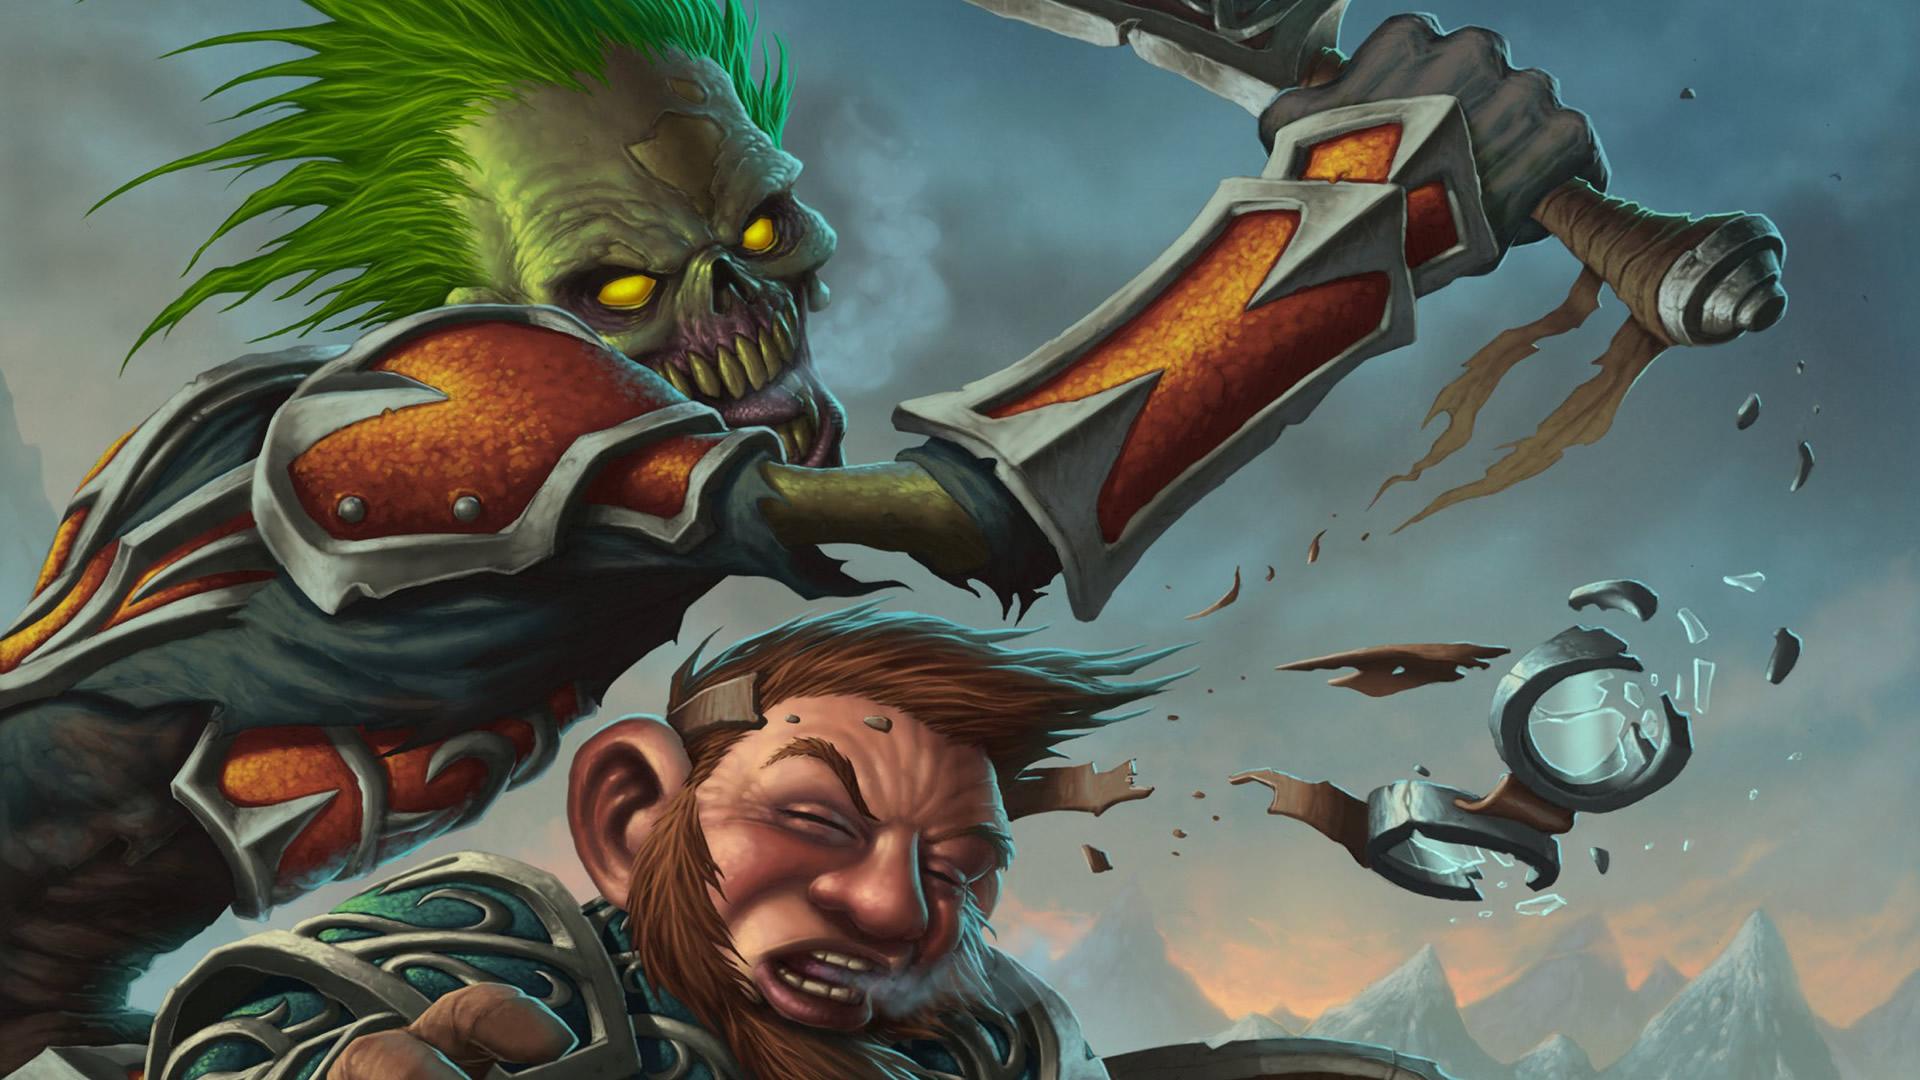 Zombie Knocking Dwarfs Goggles Off